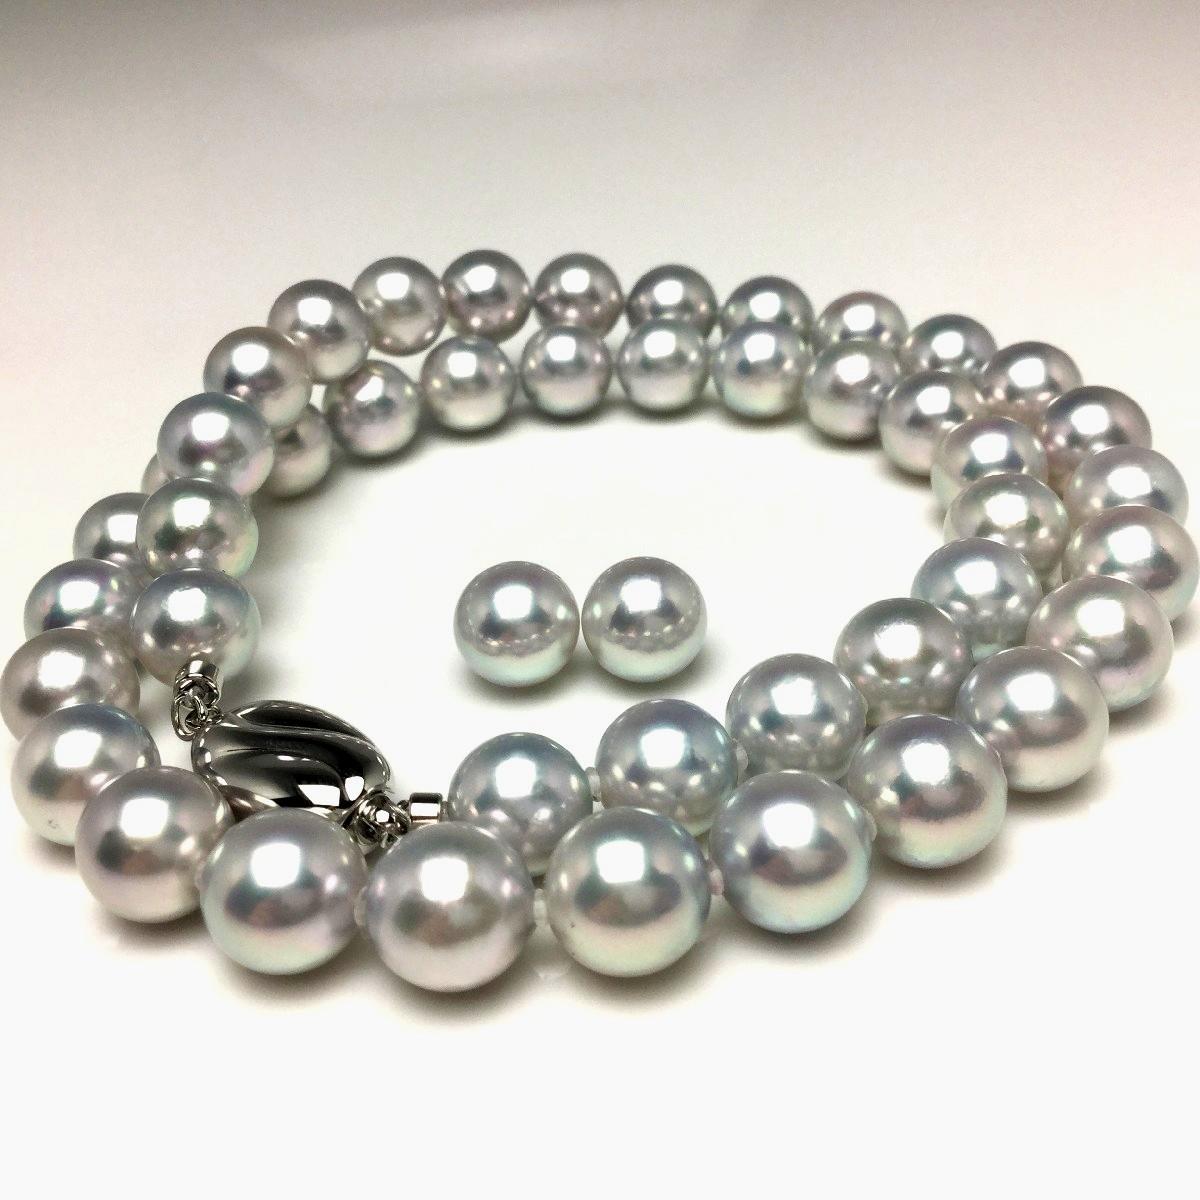 【10%OFF】真珠 ネックレス パール オーロラ・真多麻 アコヤ真珠 イヤリング or ピアス セット 8.5-9.0mm ホワイトシルバーブルー(ナチュラル) シルバー クラスップ 67060 イソワパール